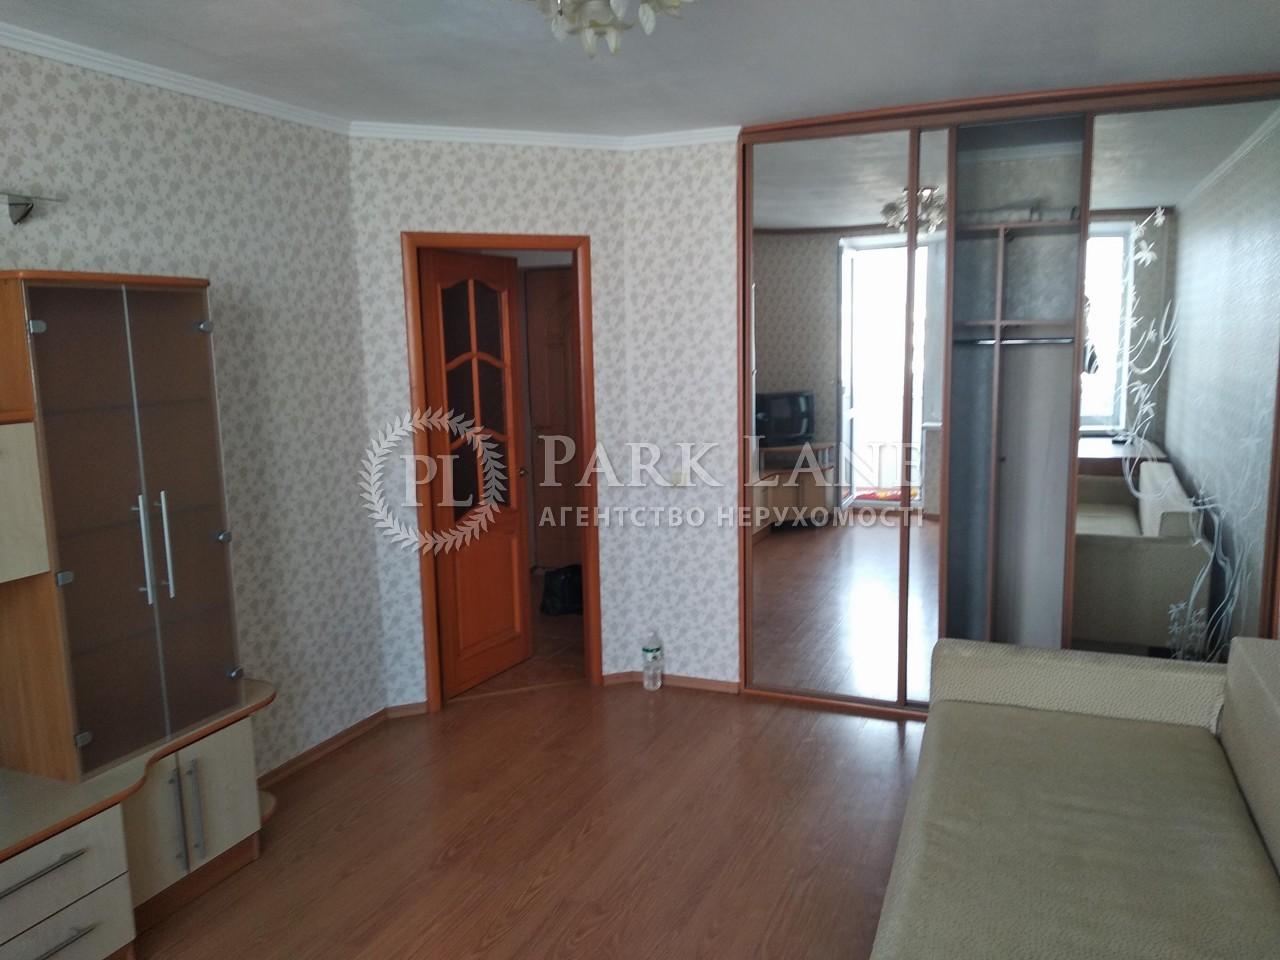 Квартира ул. Бакинская, 28, Киев, Z-316286 - Фото 6